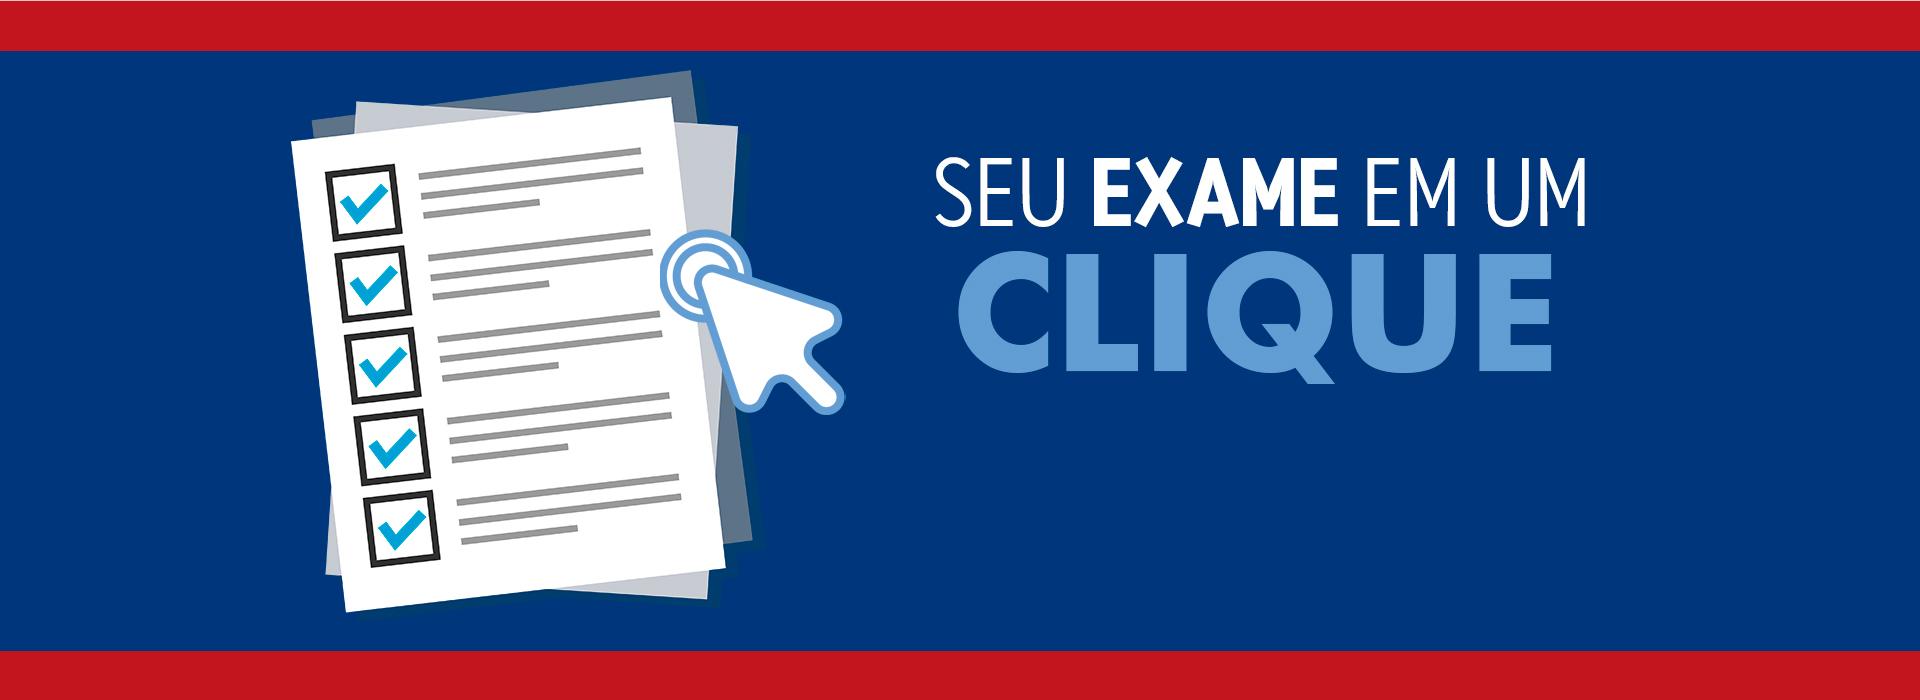 Exames em um clique